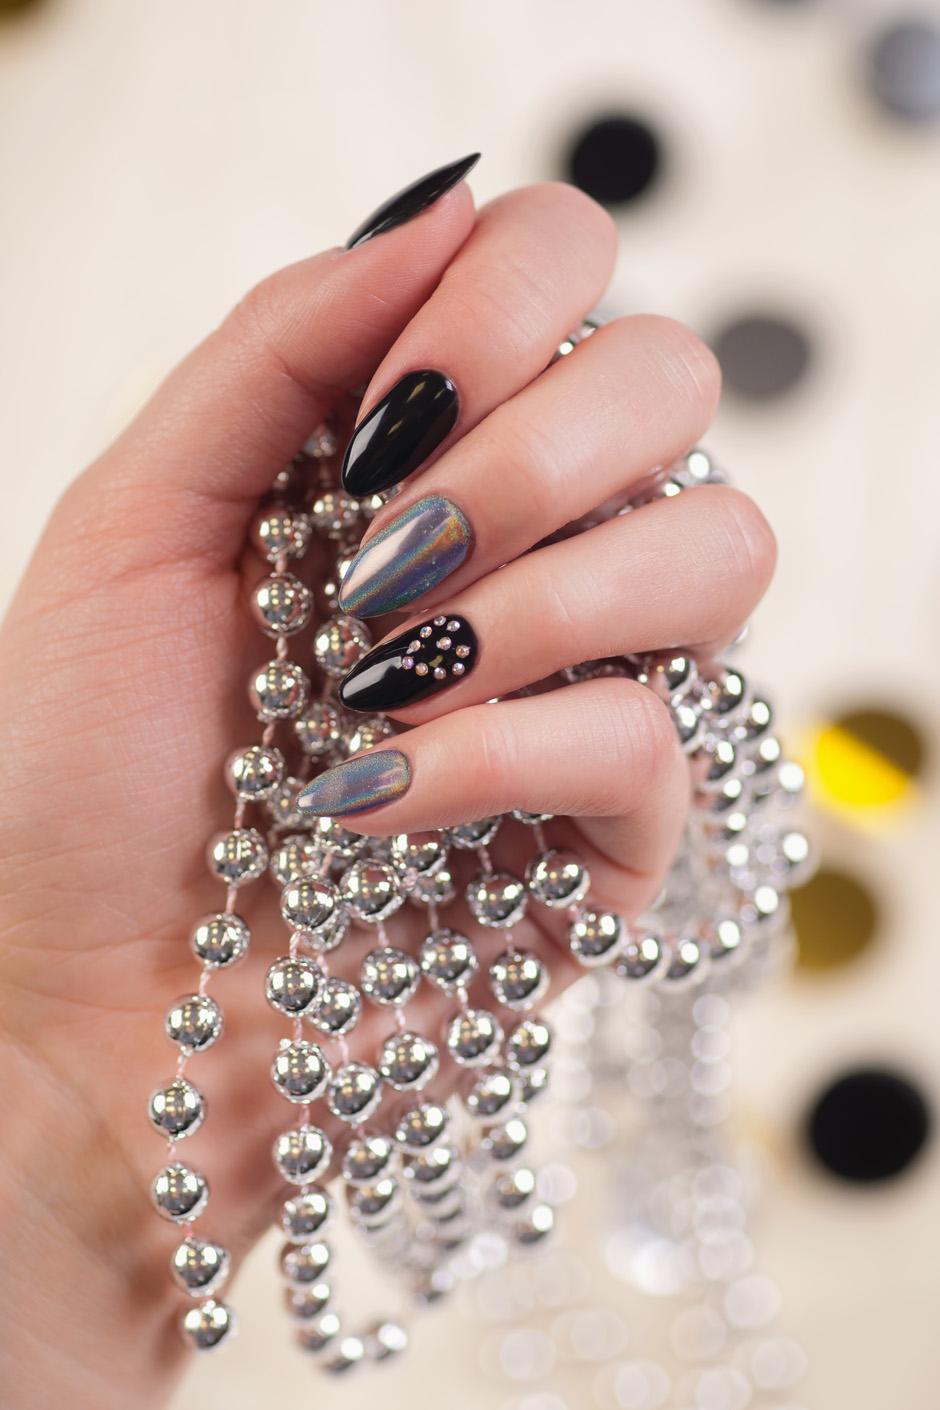 hybrydowy sylwestrowy manicure neonail